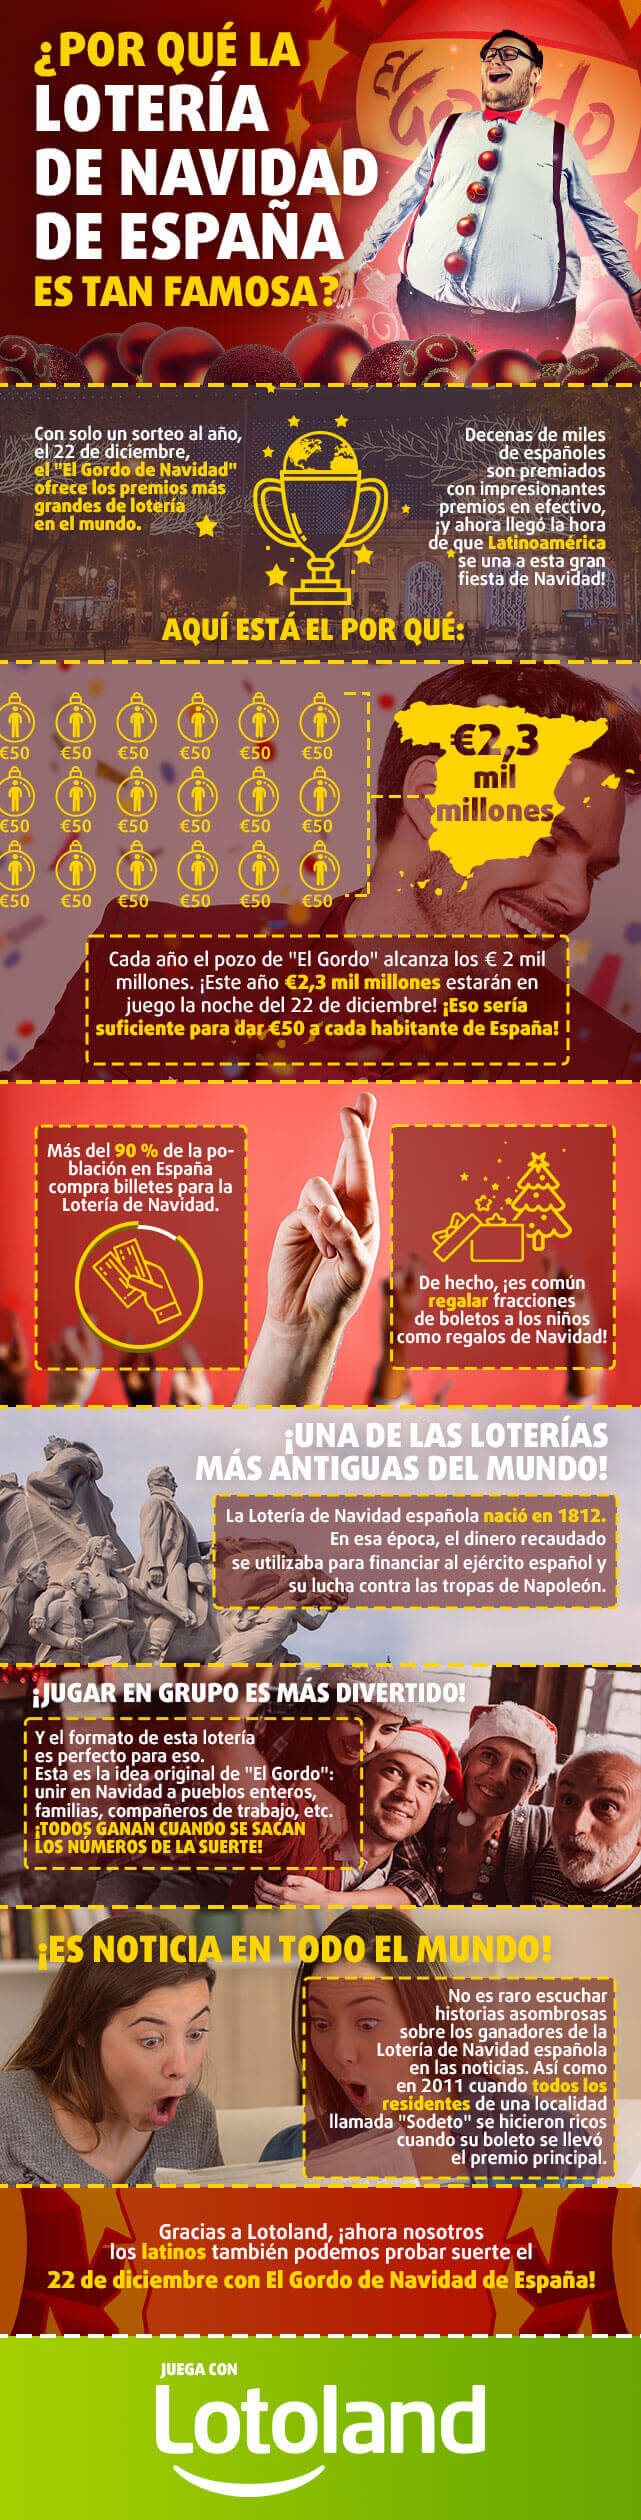 Infografía sobre El Gordo de navidad, la lotería española